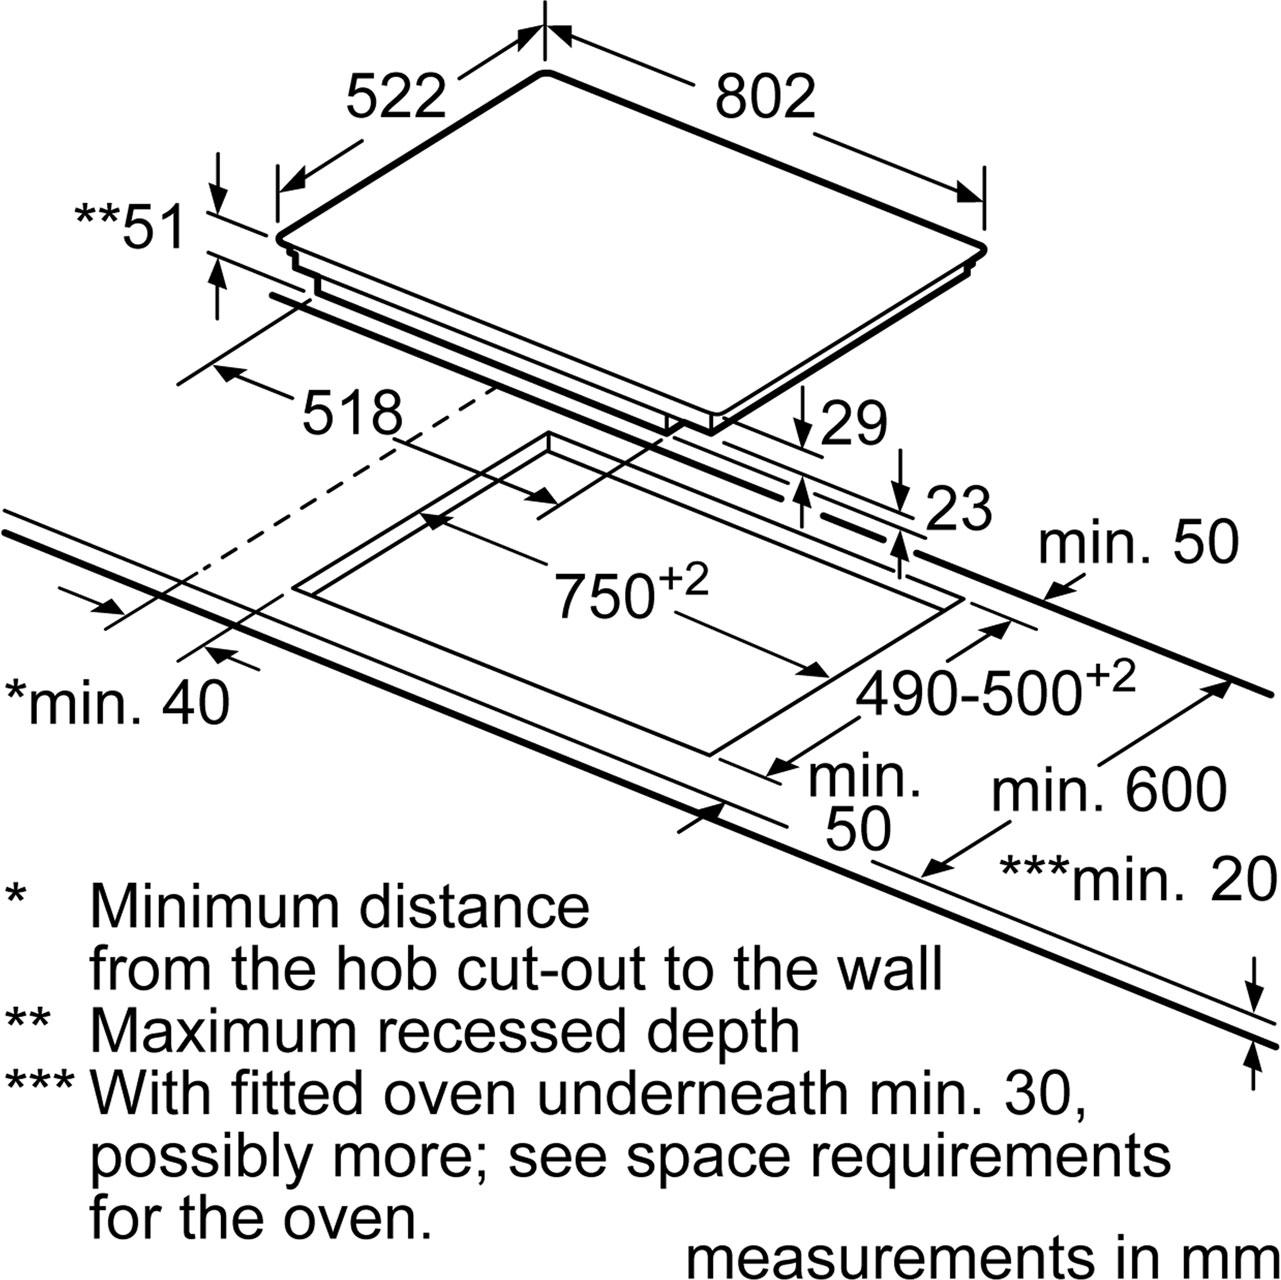 shunt resistor wiring diagram for furnace blower motor trip breaker stream